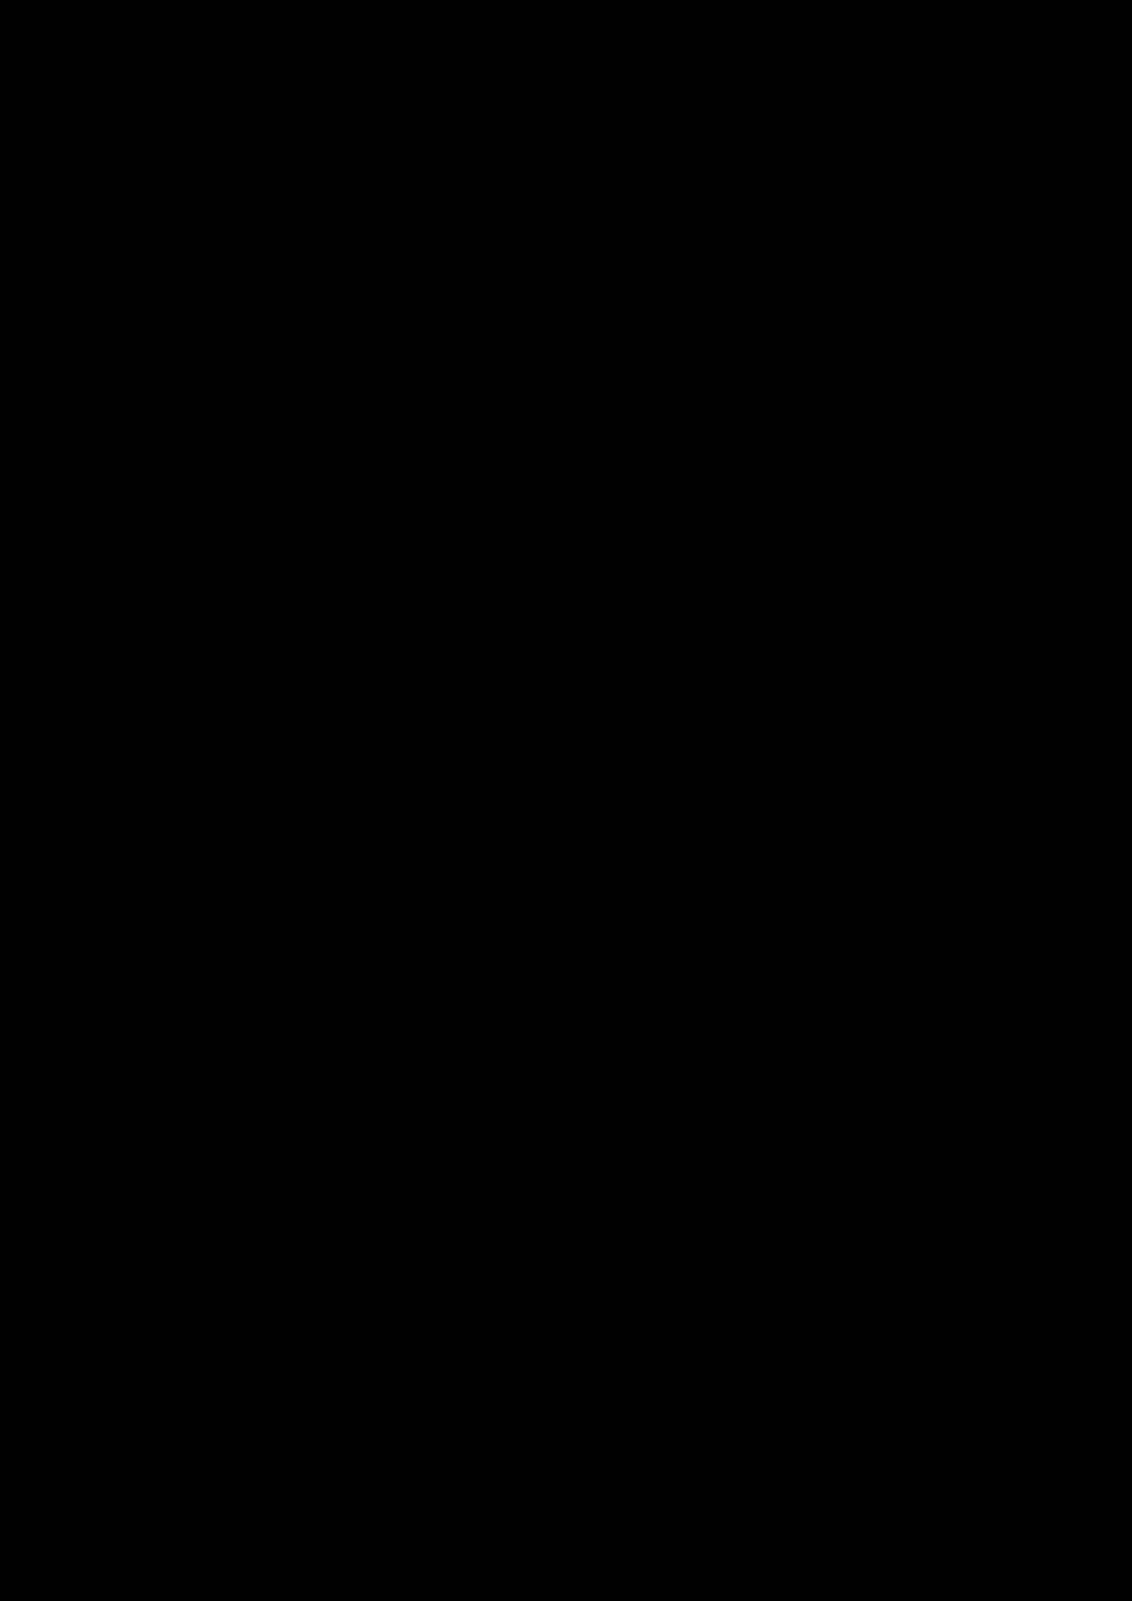 Osobyiy Rezon slide, Image 3